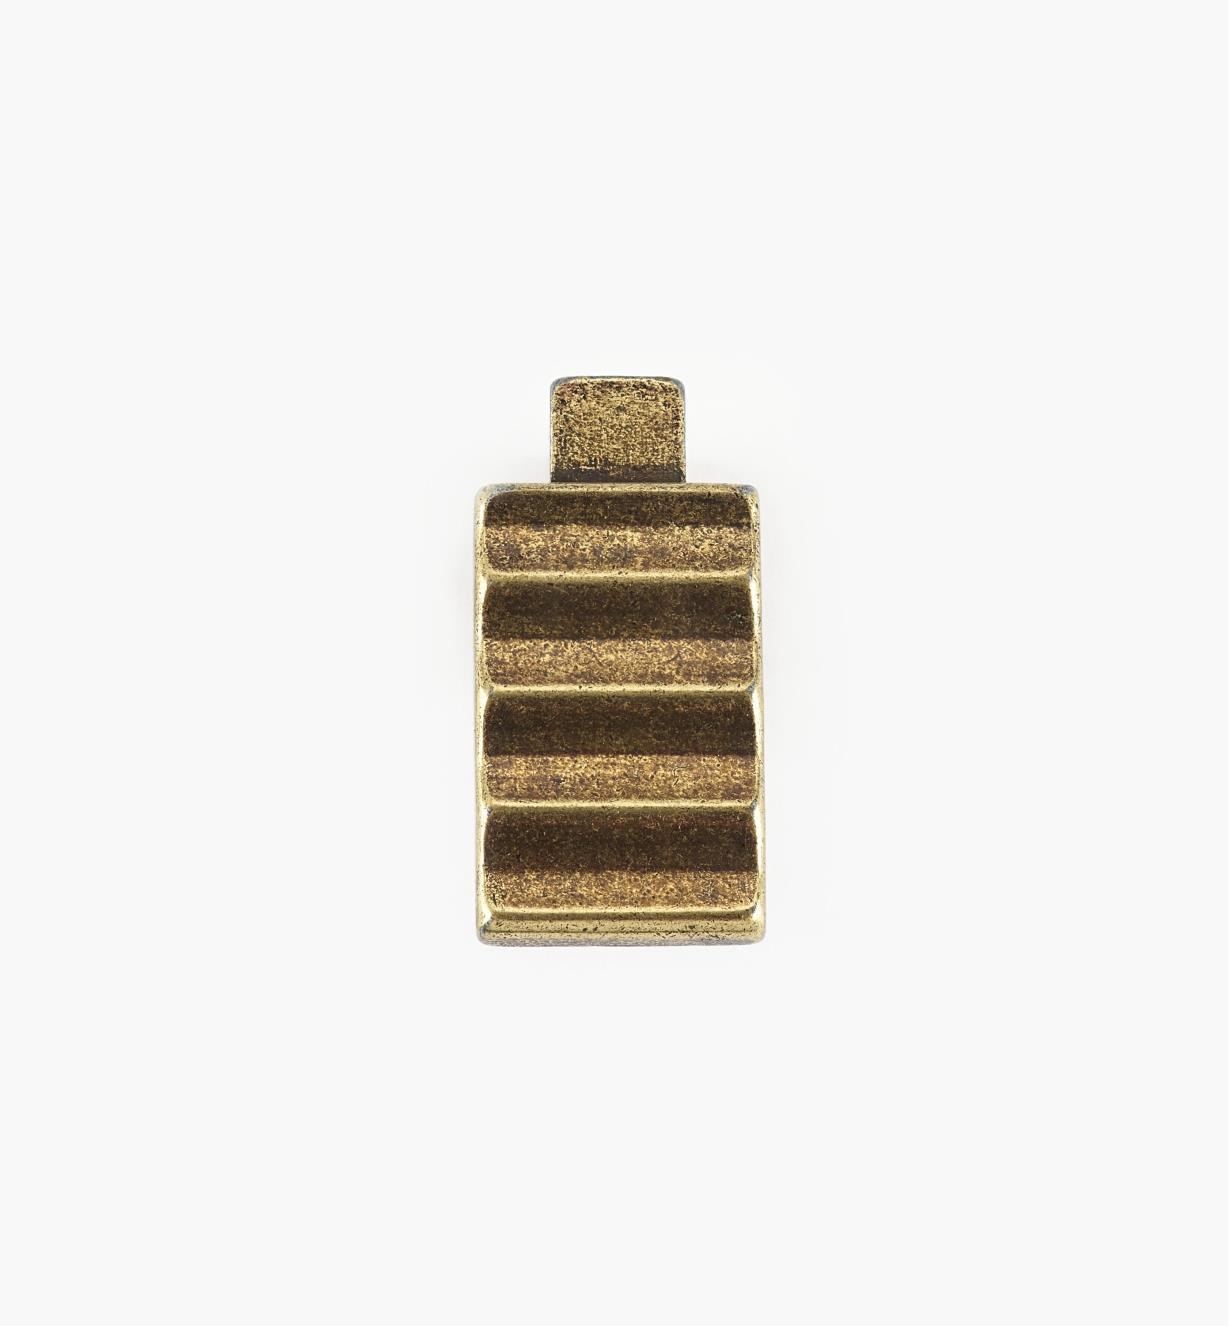 01G1861 - Bouton Passerelle rustique, fini laiton antique, 33 mm x 16 mm